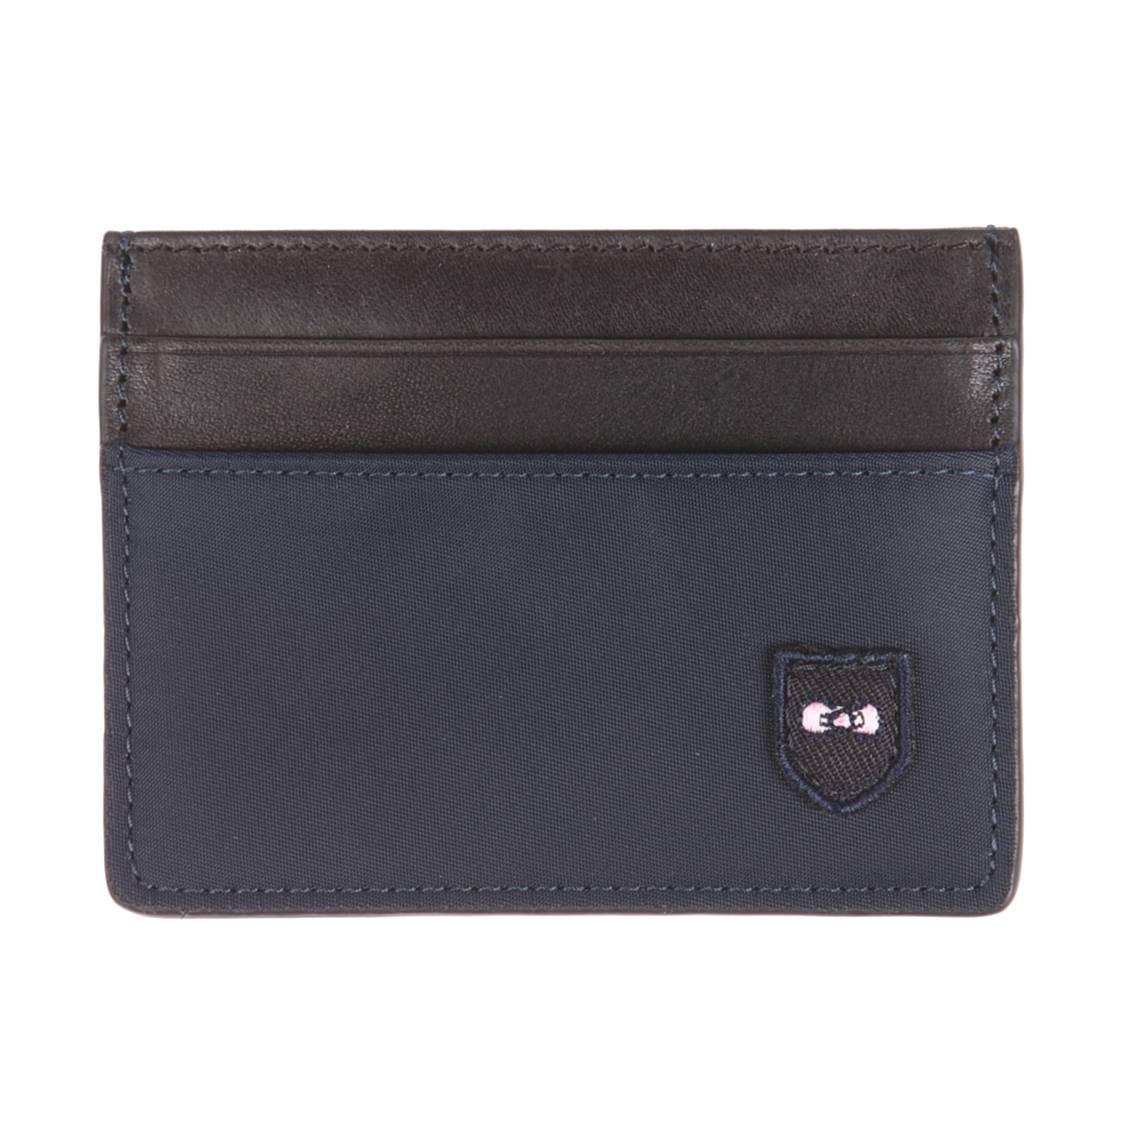 Porte-cartes  bicolore noir et bleu marine en cuir et toile